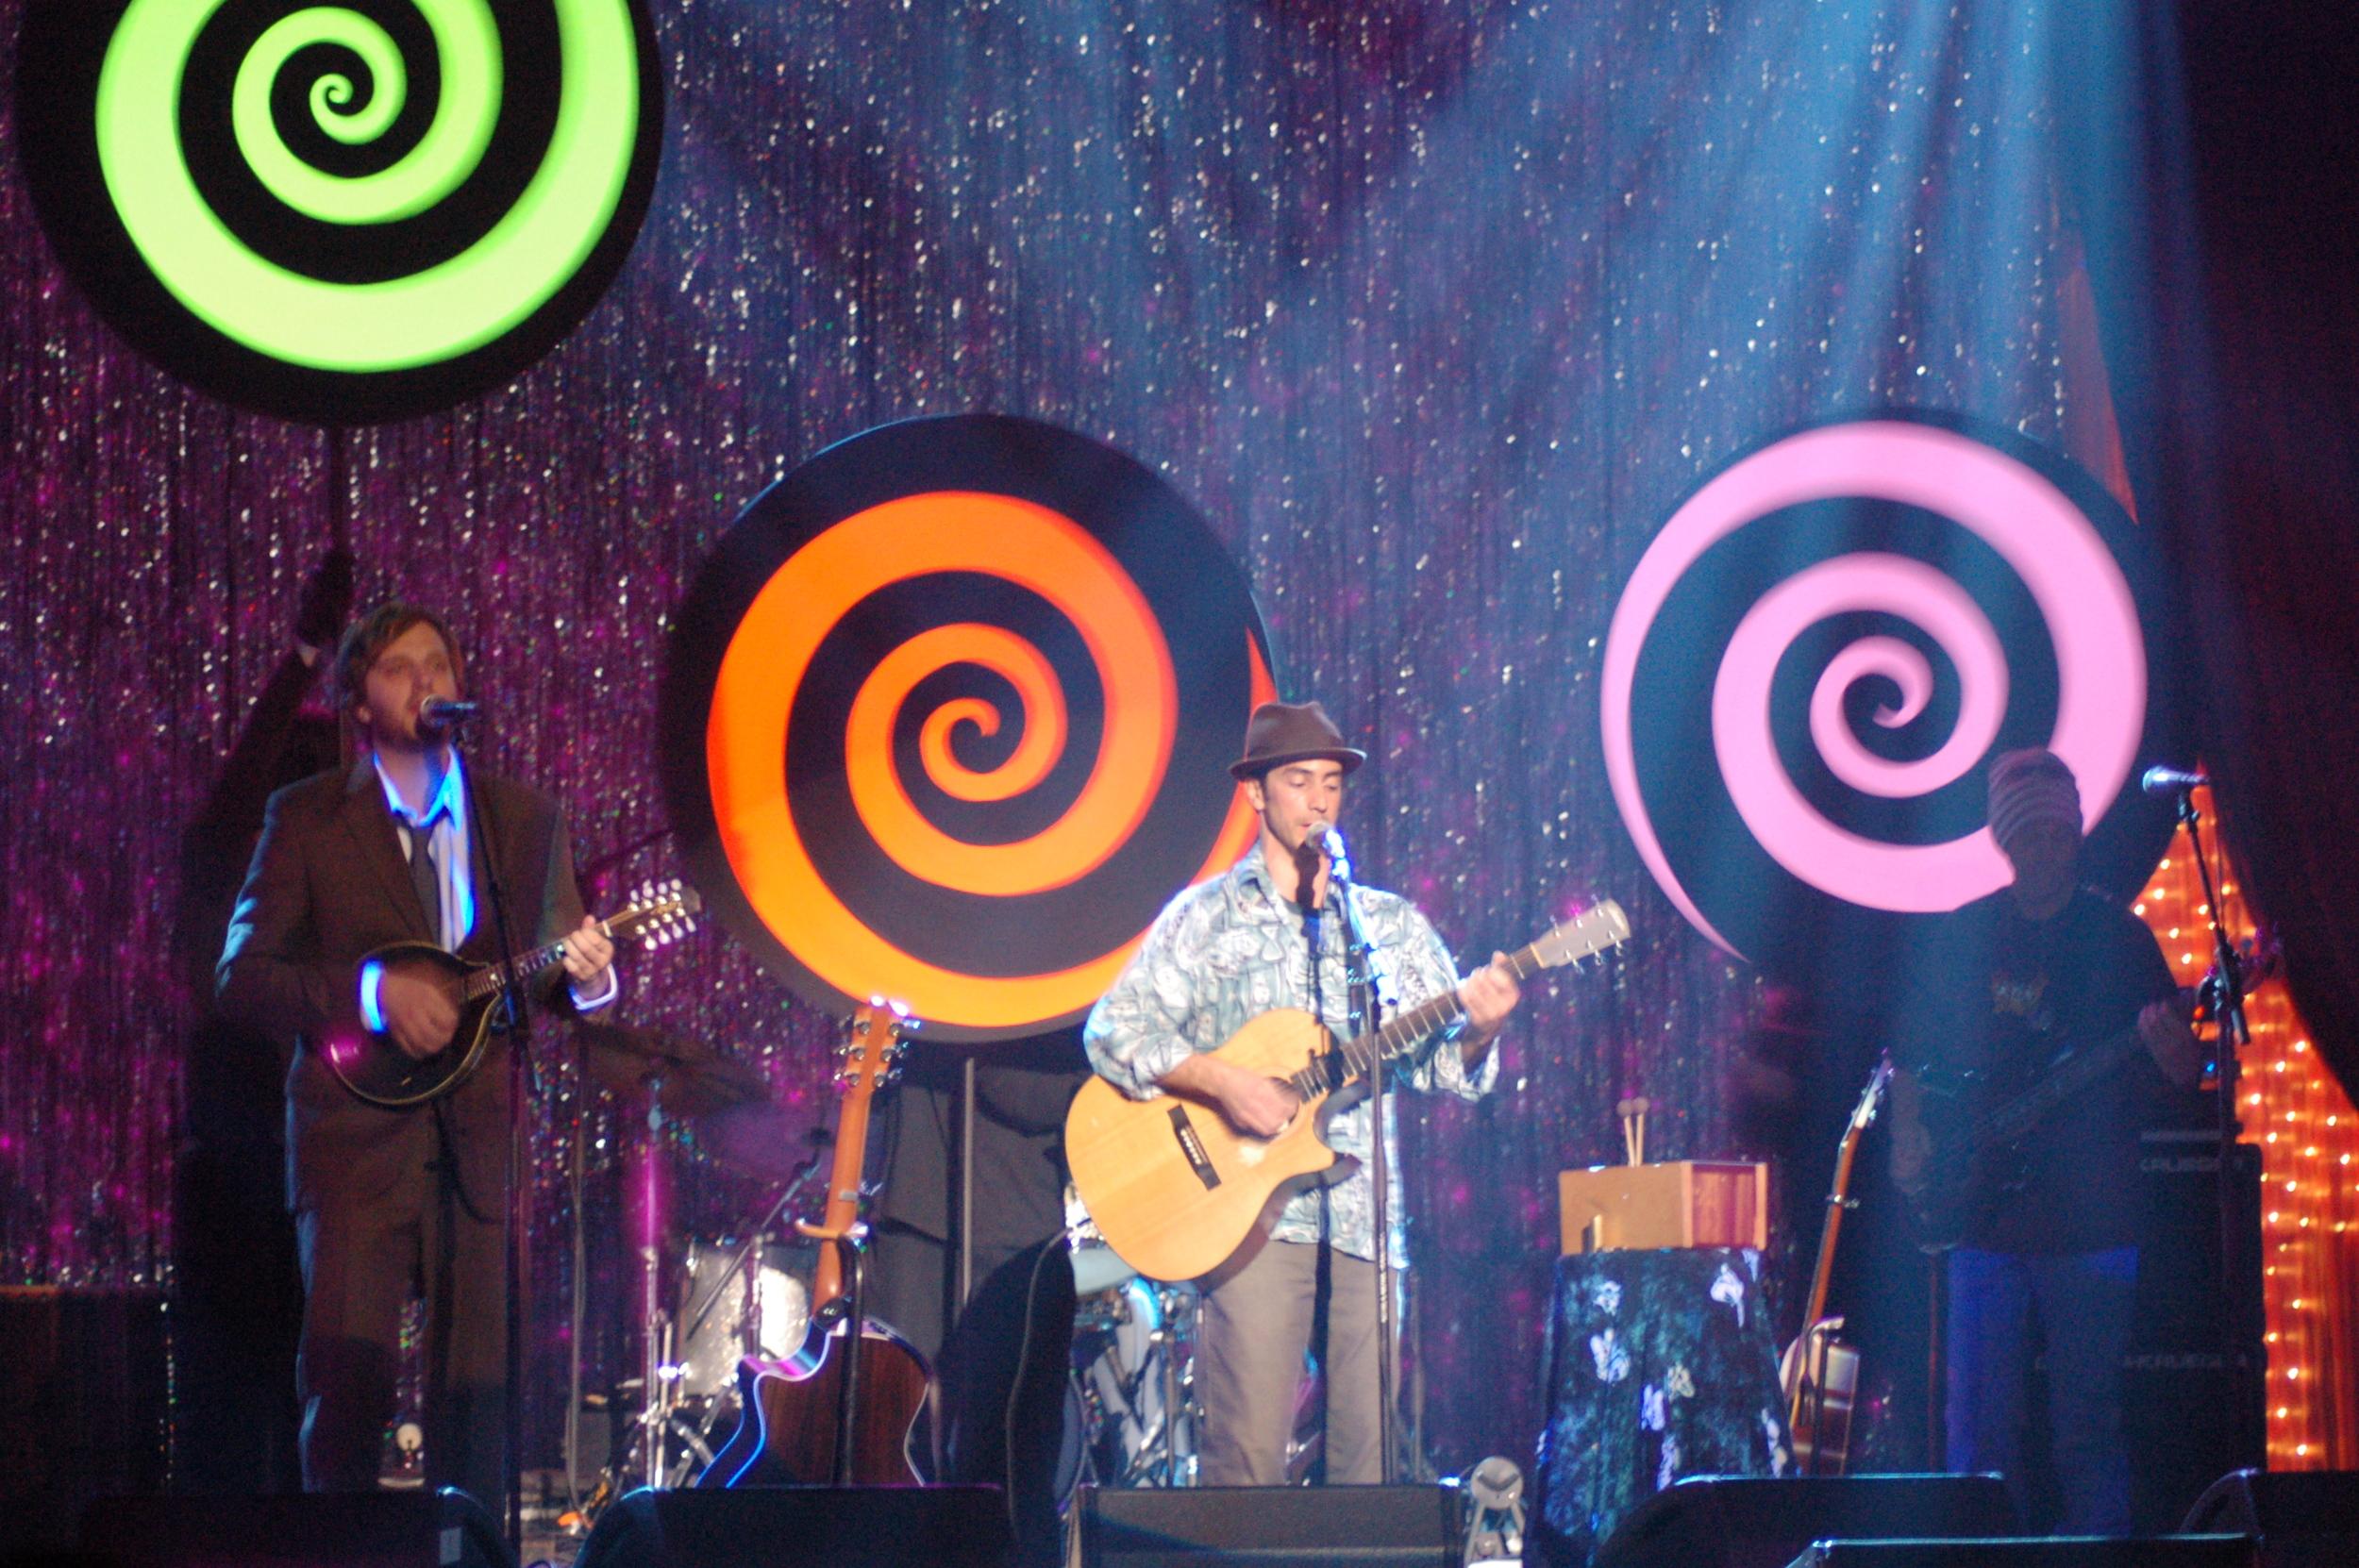 2007-02-24 064.jpg